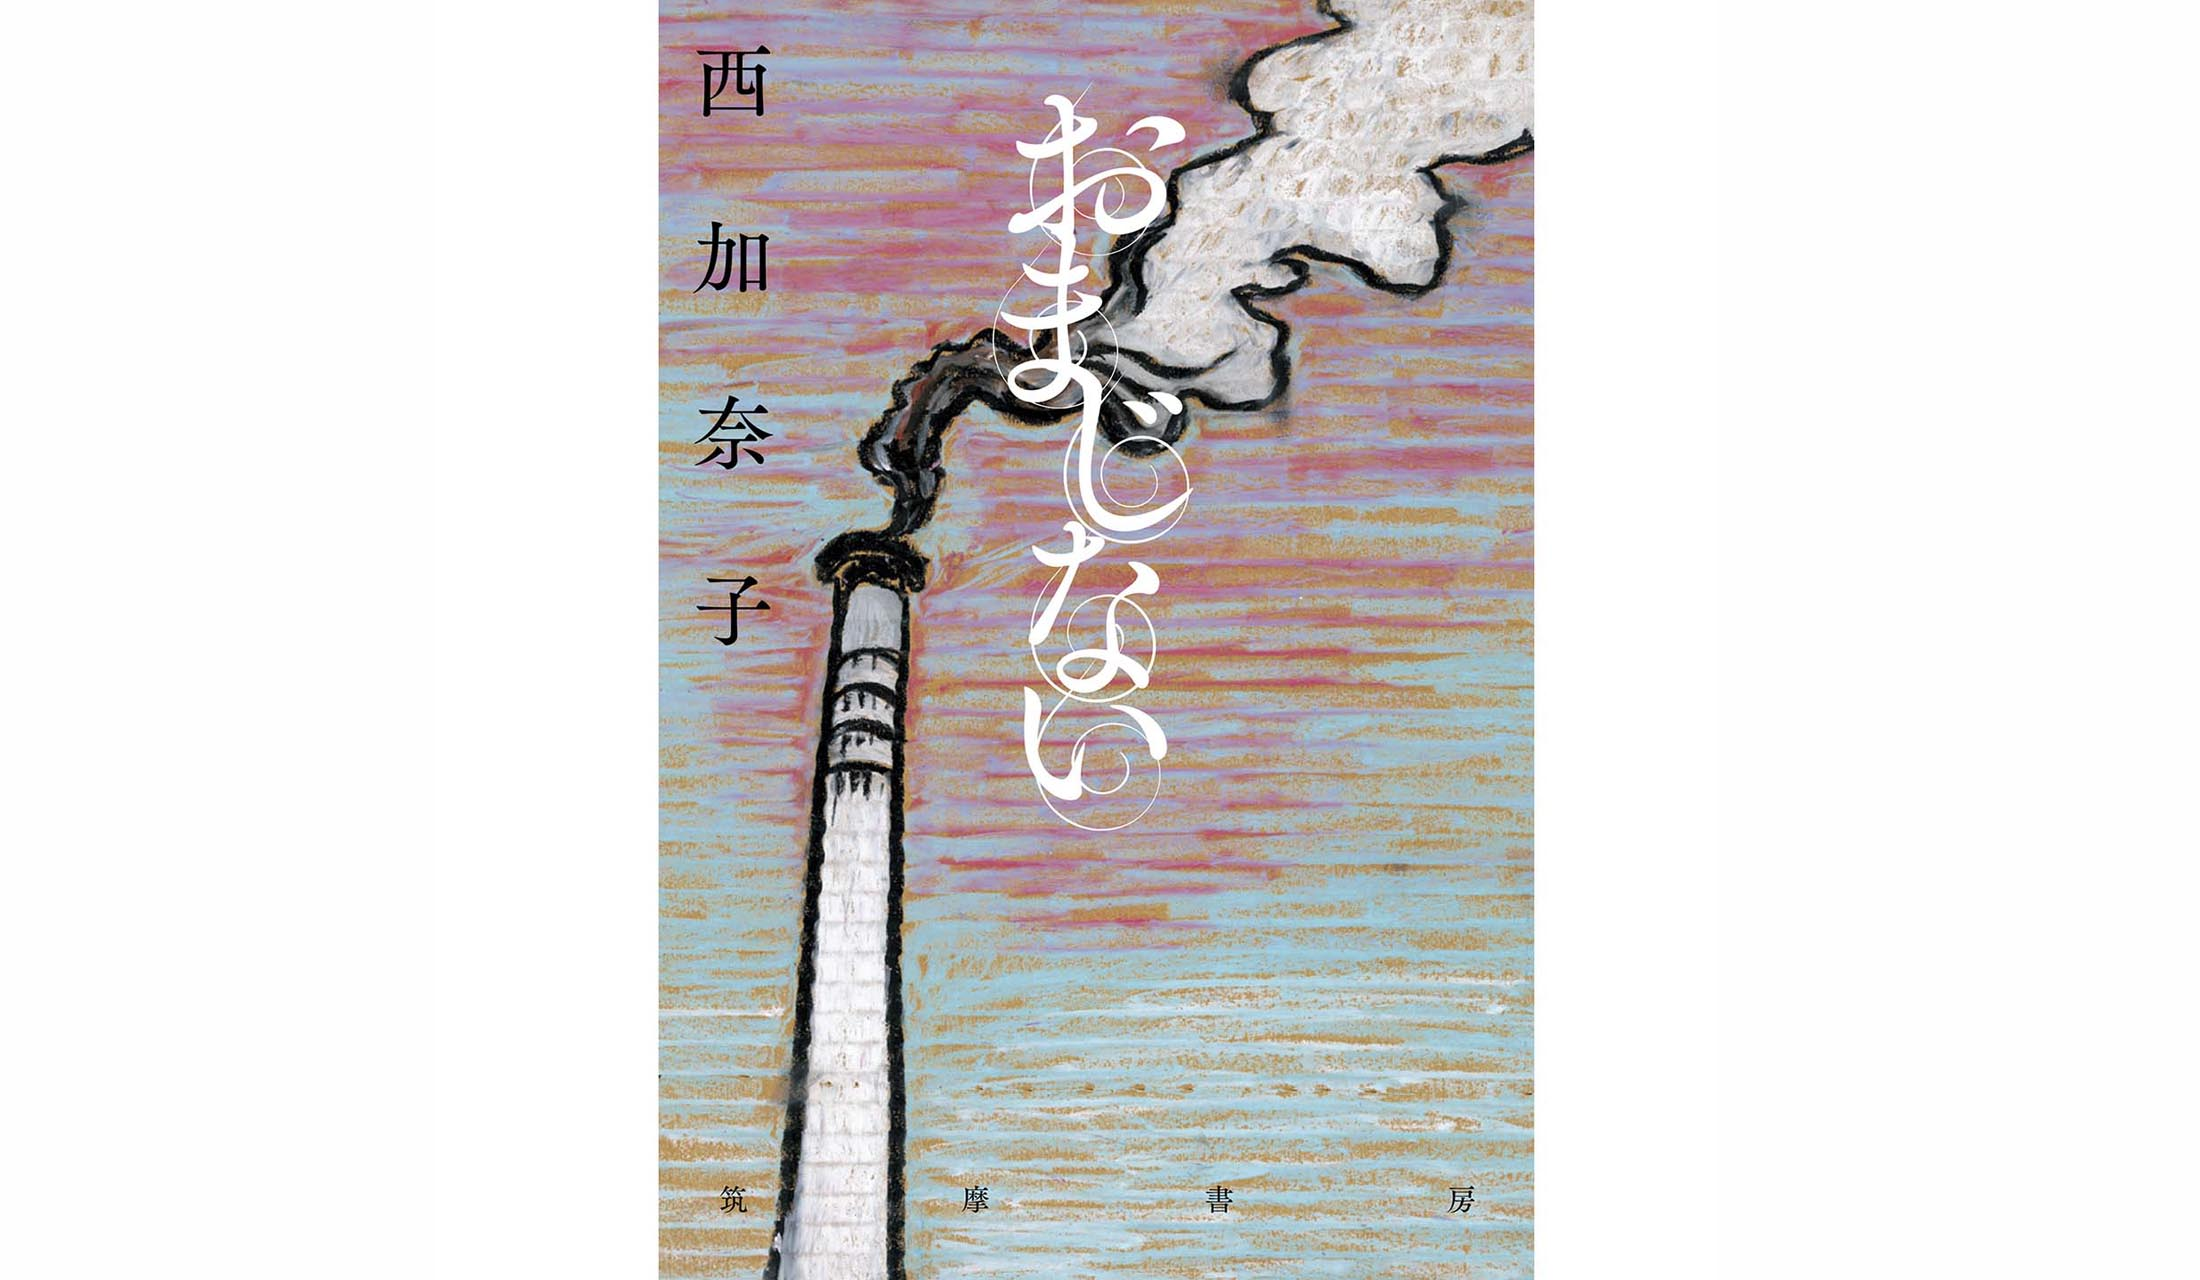 直木賞作家の西 加奈子さんによる短編集『おまじない』の書影